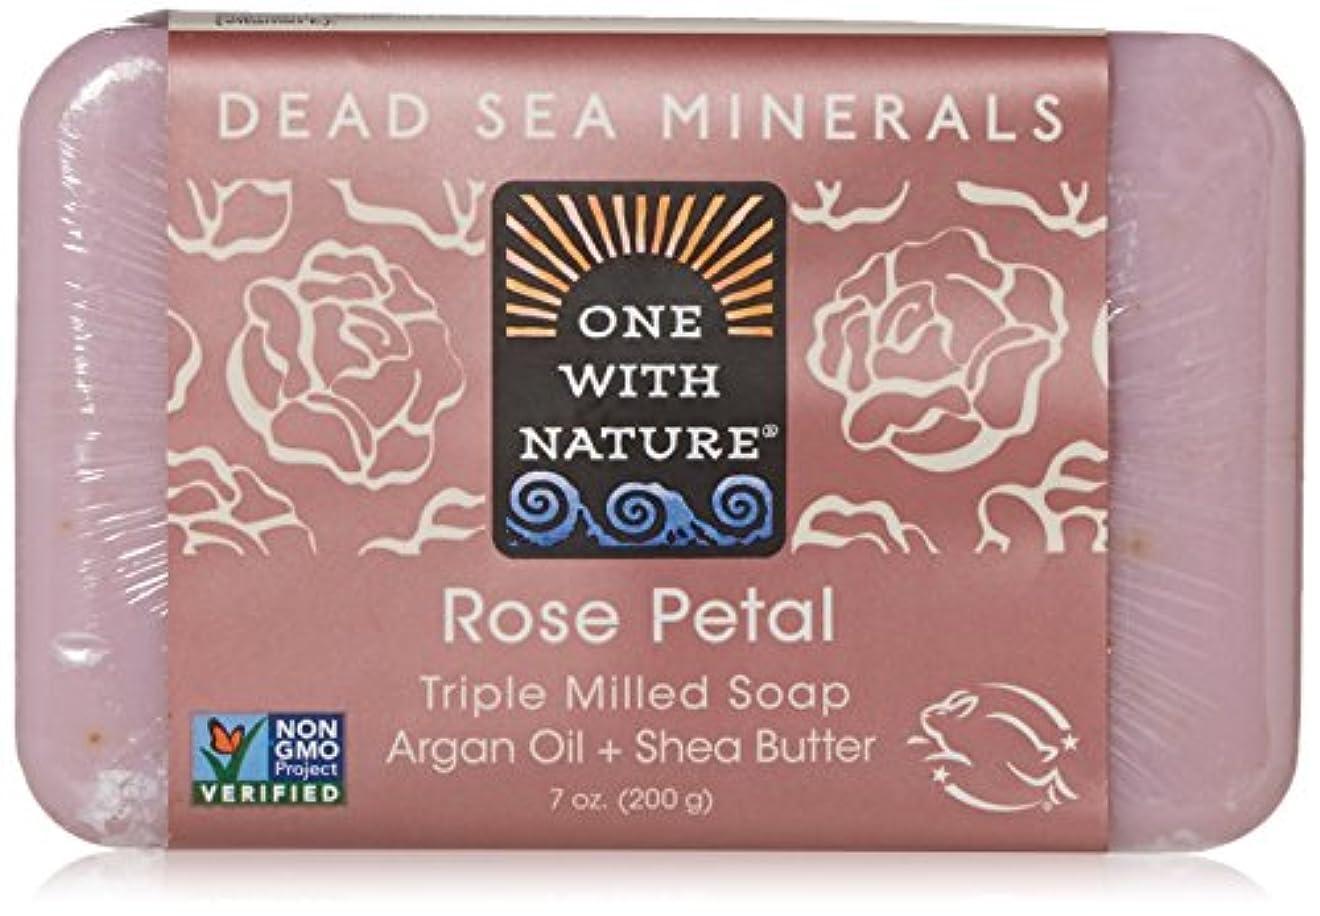 安全性ニコチン書き込みOne With Nature - 死海ミネラル棒石鹸の穏やかな剥離のバラの花びら - 7ポンド [並行輸入品]